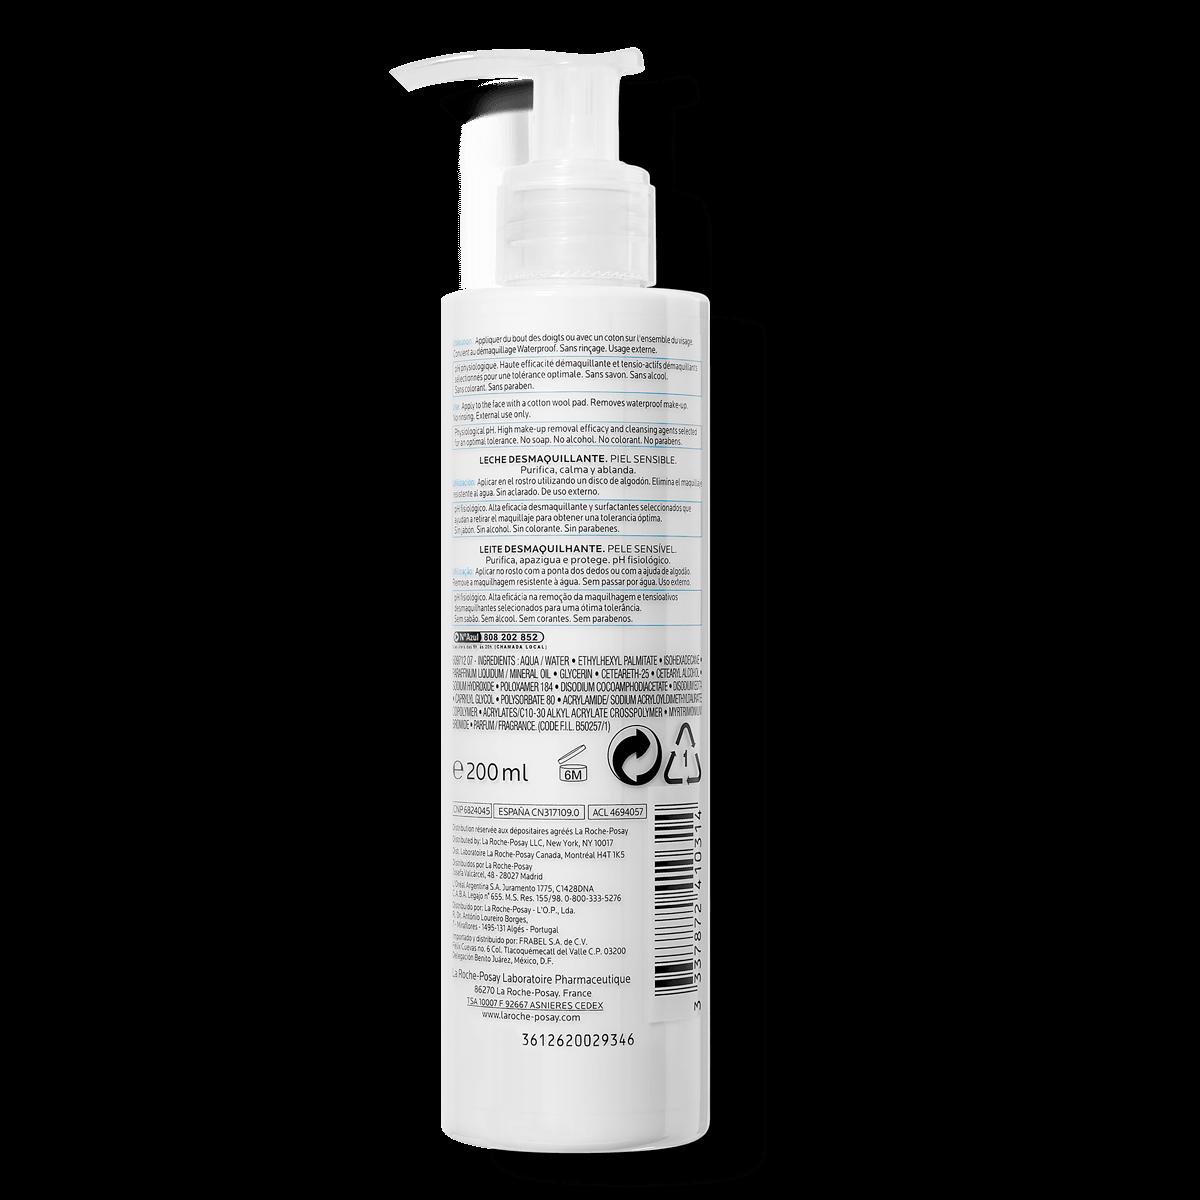 La Roche Posay ProduktSide Ansigtsrens Fysiologisk makeupfjerner